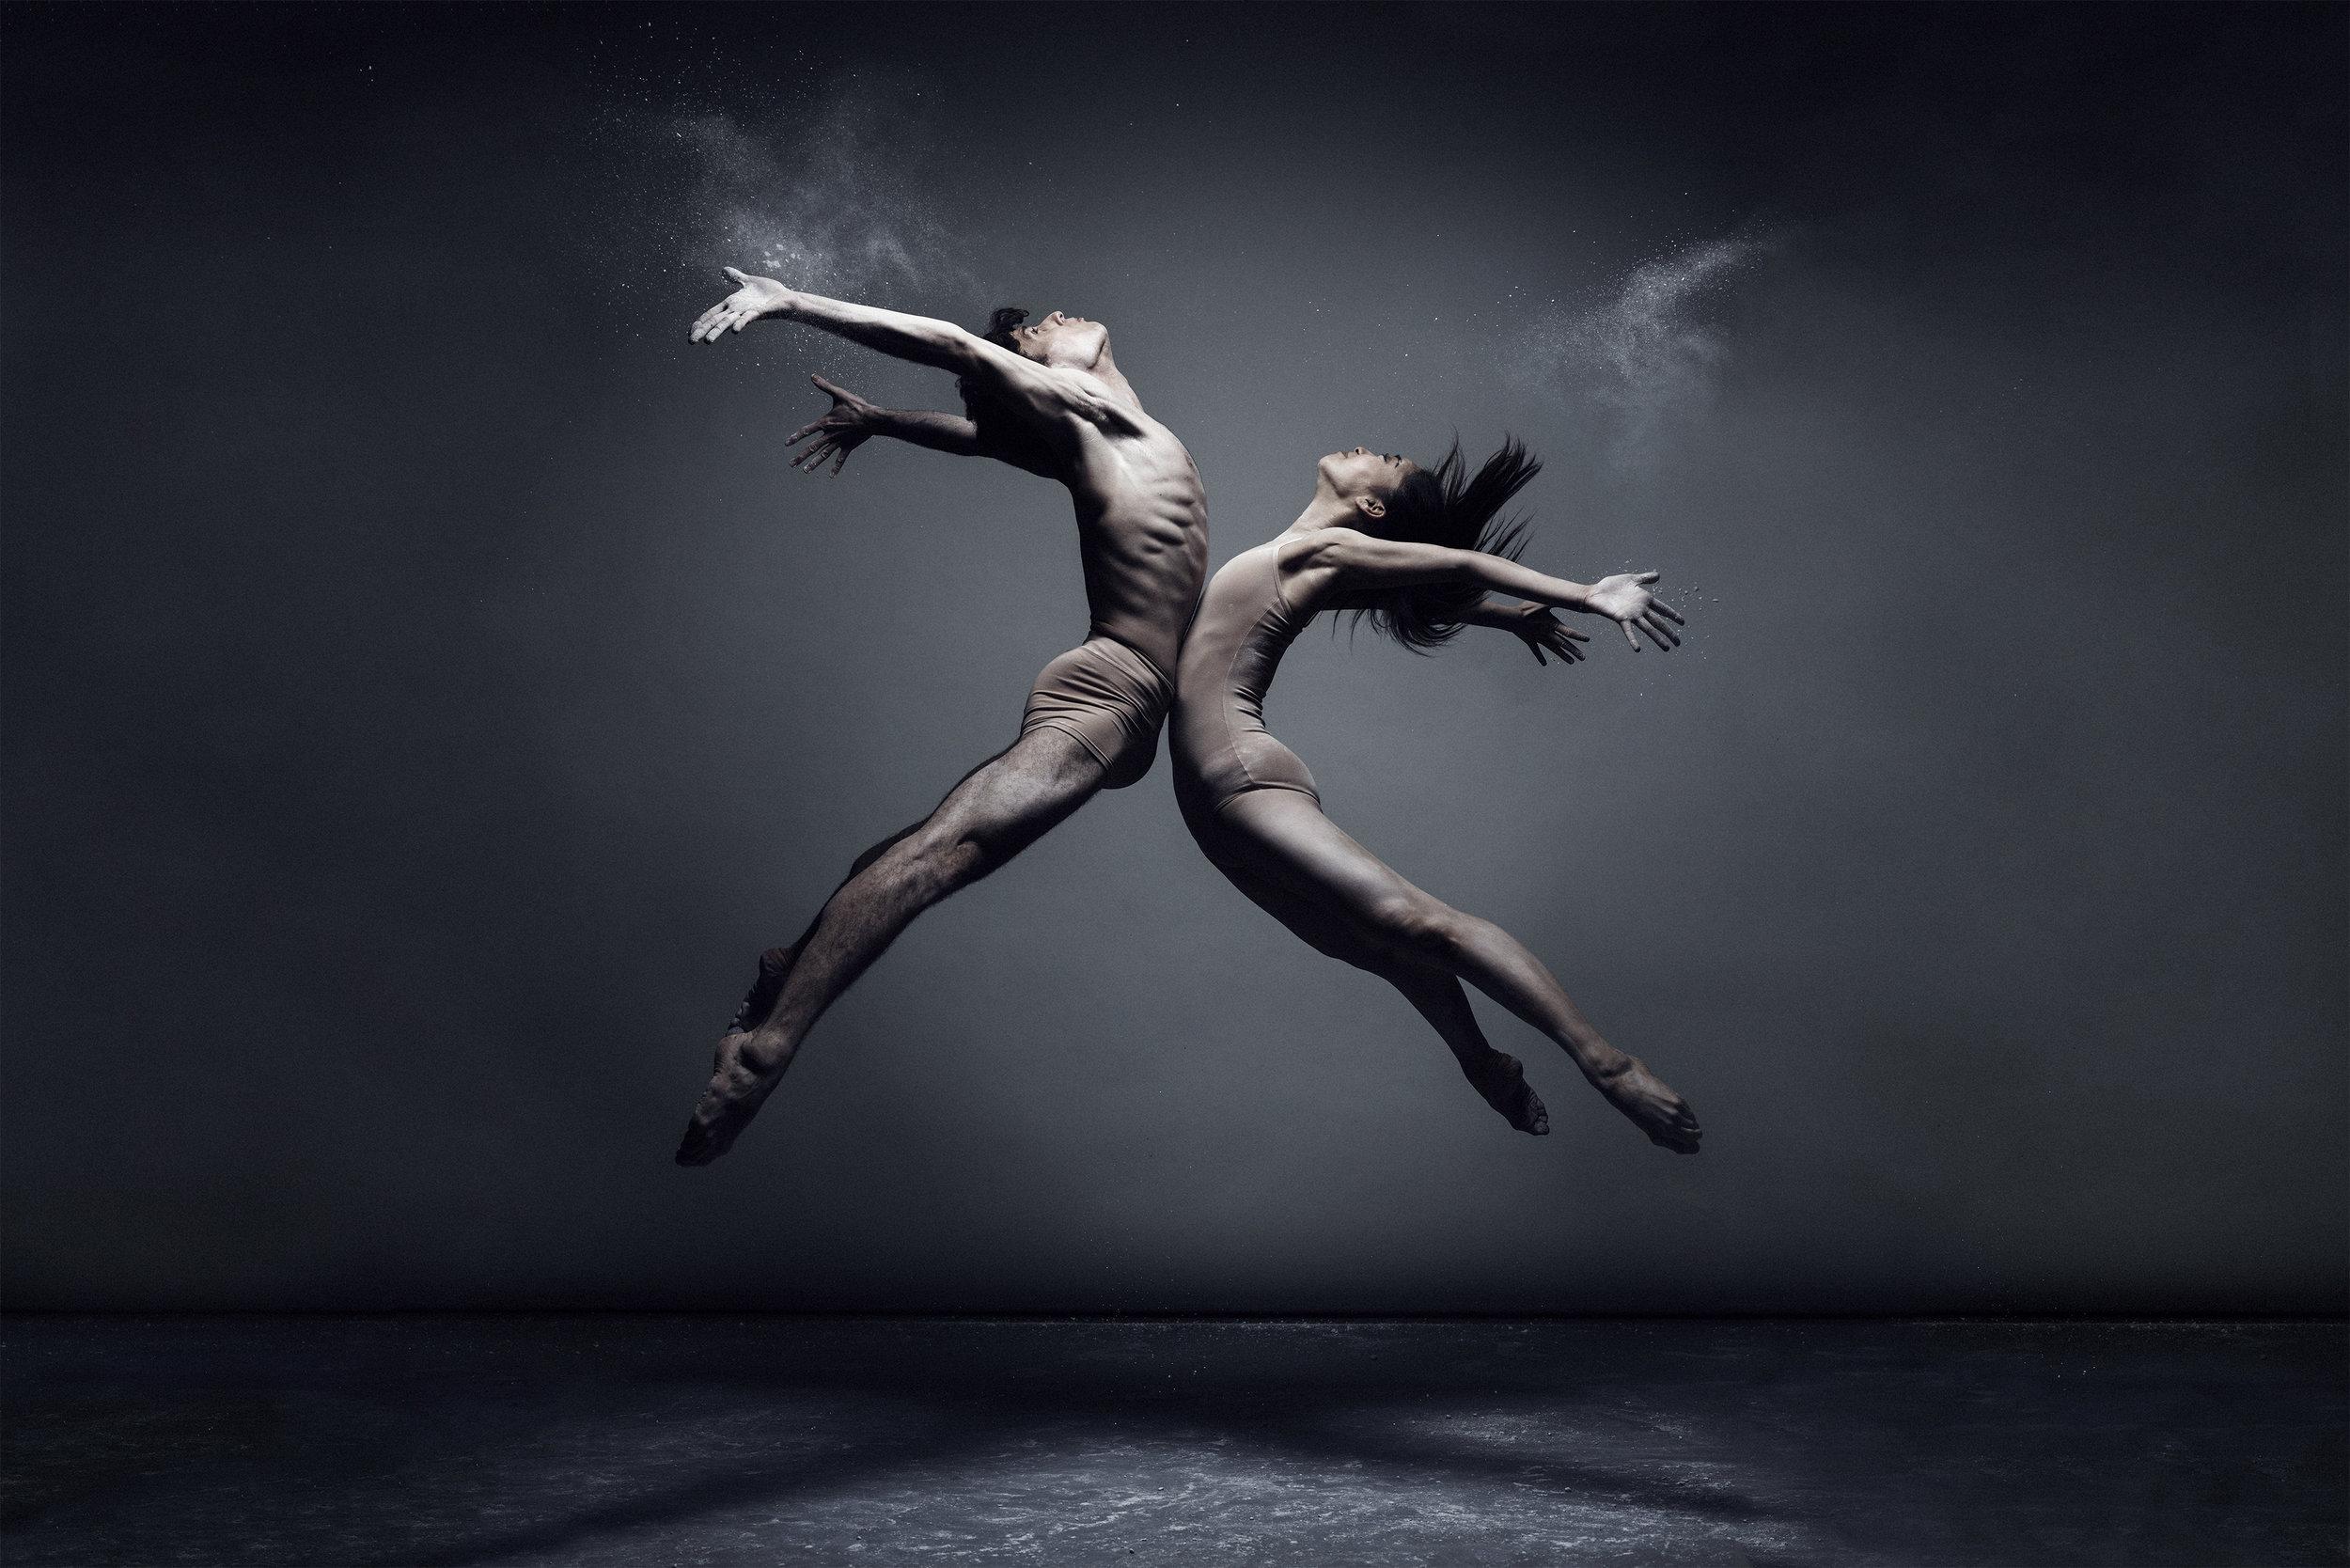 I baletterna Noces/Agon/Våroffer är Igor Stravinskijs musik en gemensam nämnare. Kungliga Baletten presenterar mästerkoreograferna Angelin Preljocaj, George Balanchine och Maurce Béjart i tre tolkningar av Stravinskijs verk, där Våroffer banade väg för en scenisk och musikalisk revolution. Premiär/nypremiär 25 oktober. (Foto: Joel Rhodin)